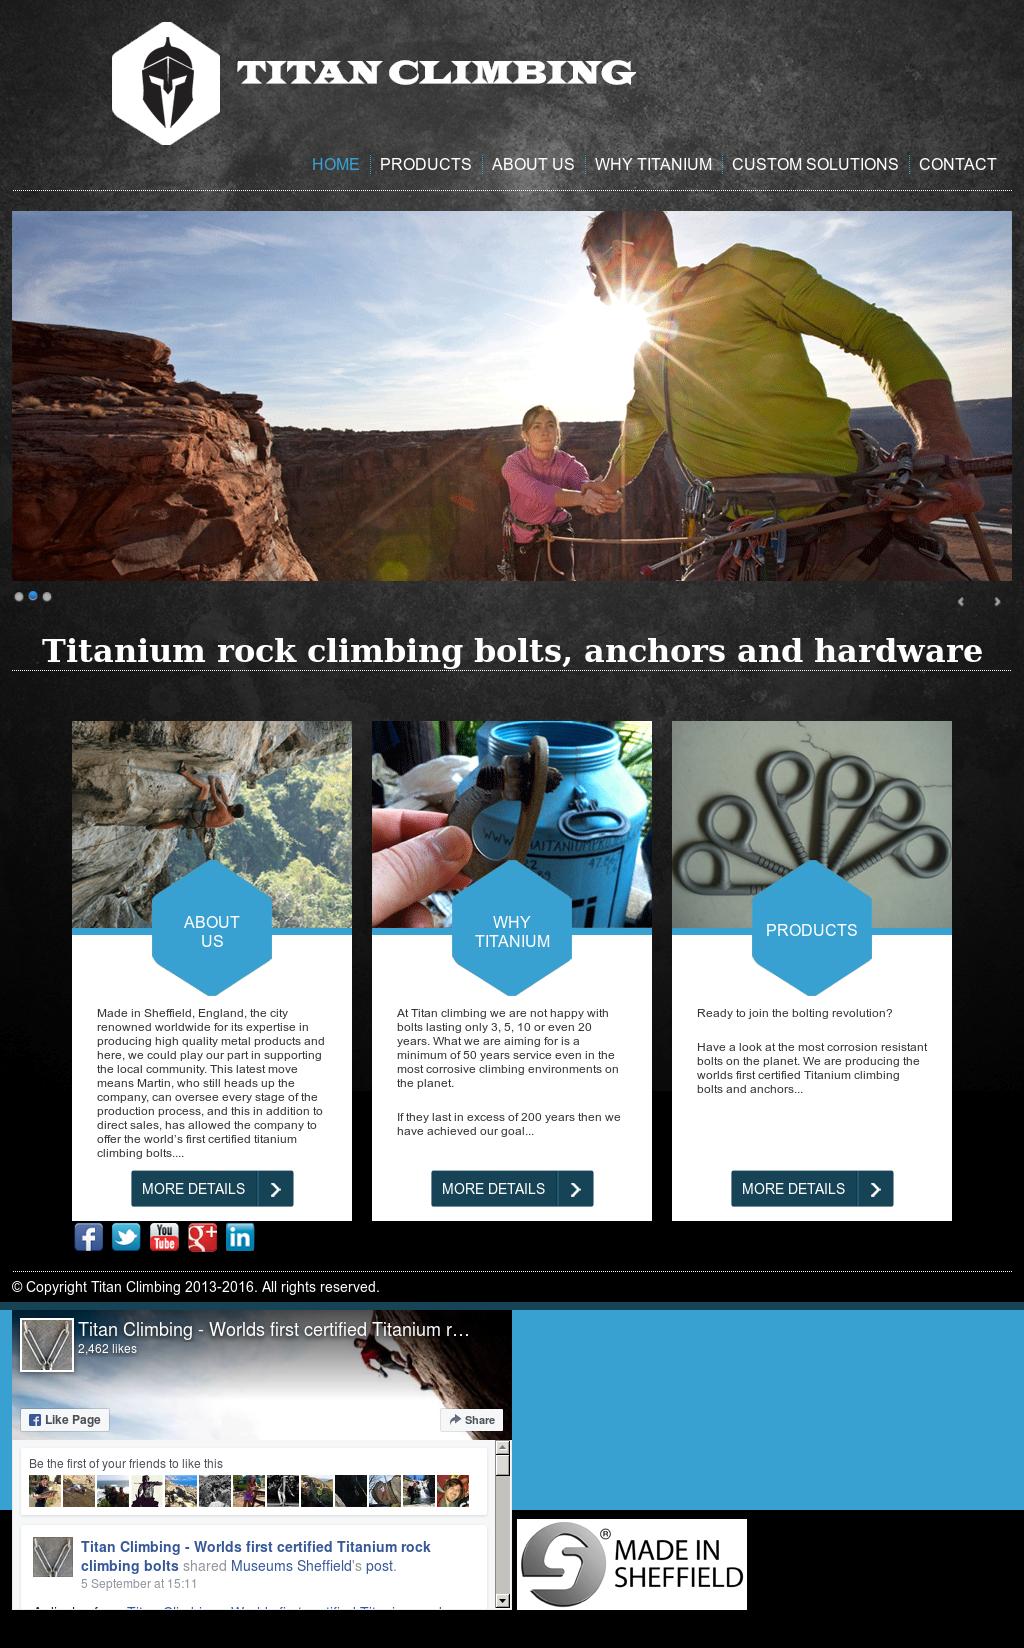 Titan Climbing - Worlds First Certified Titanium Rock